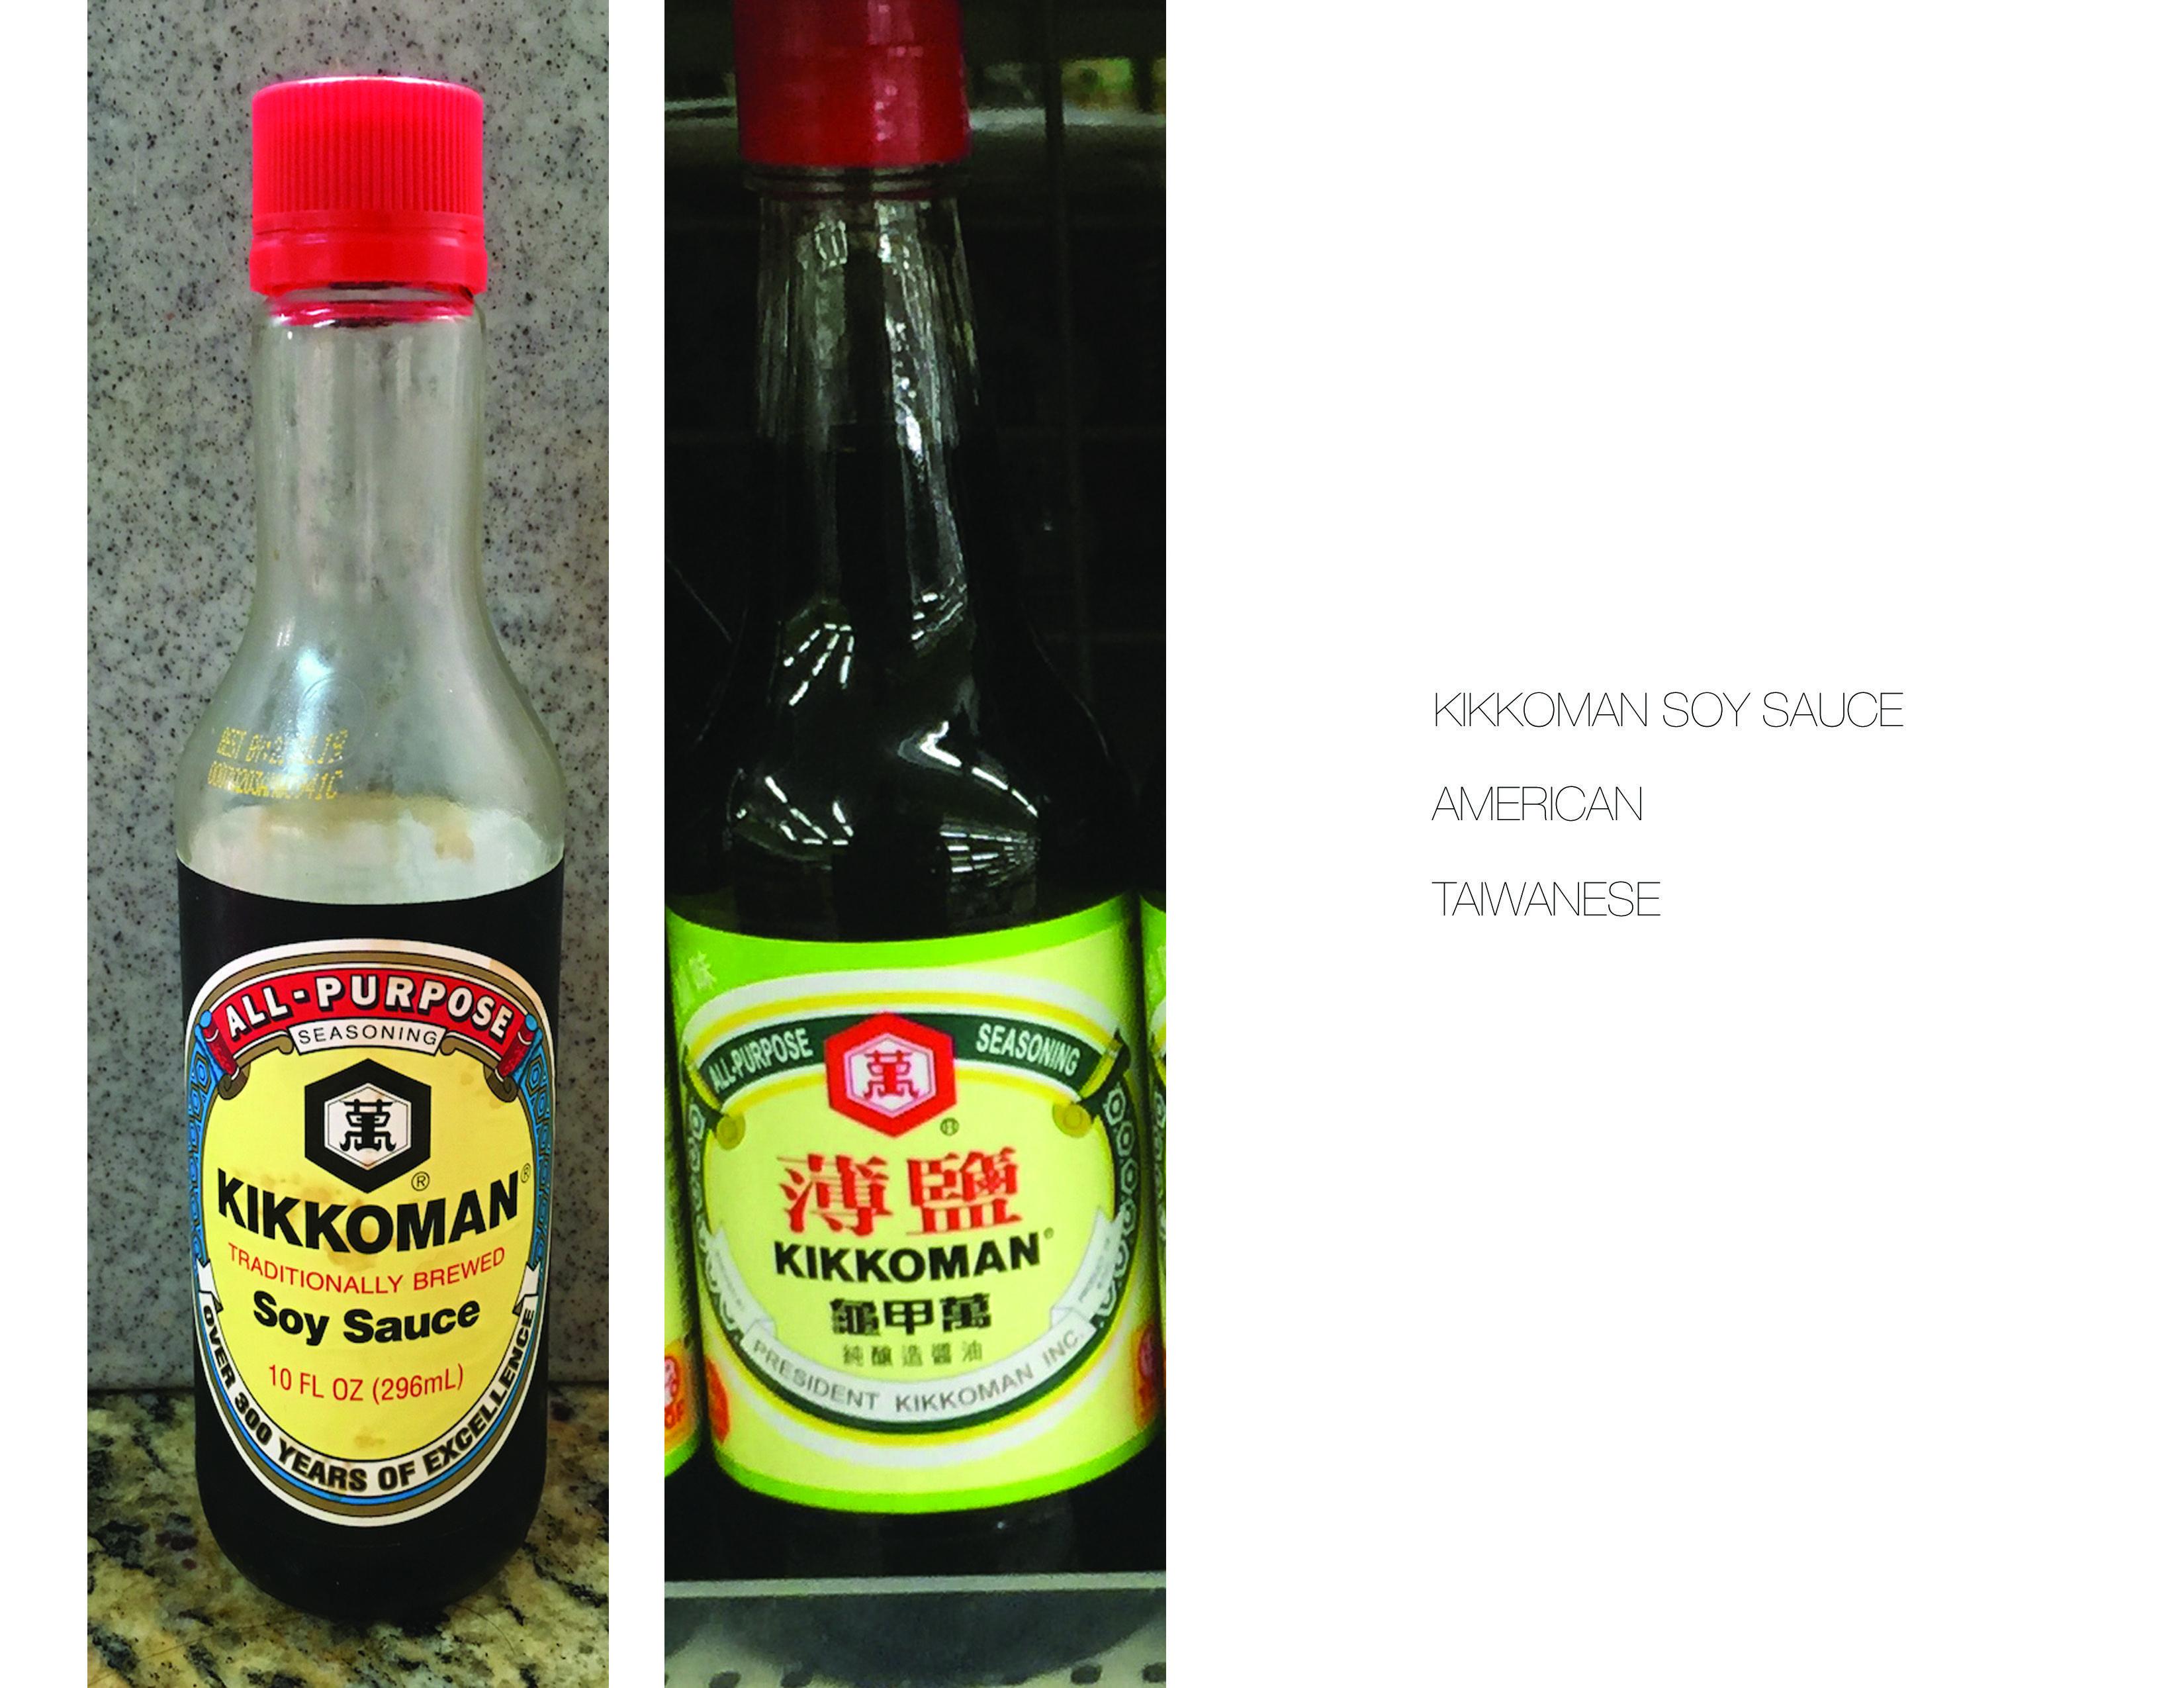 kikkoman soy sauce from